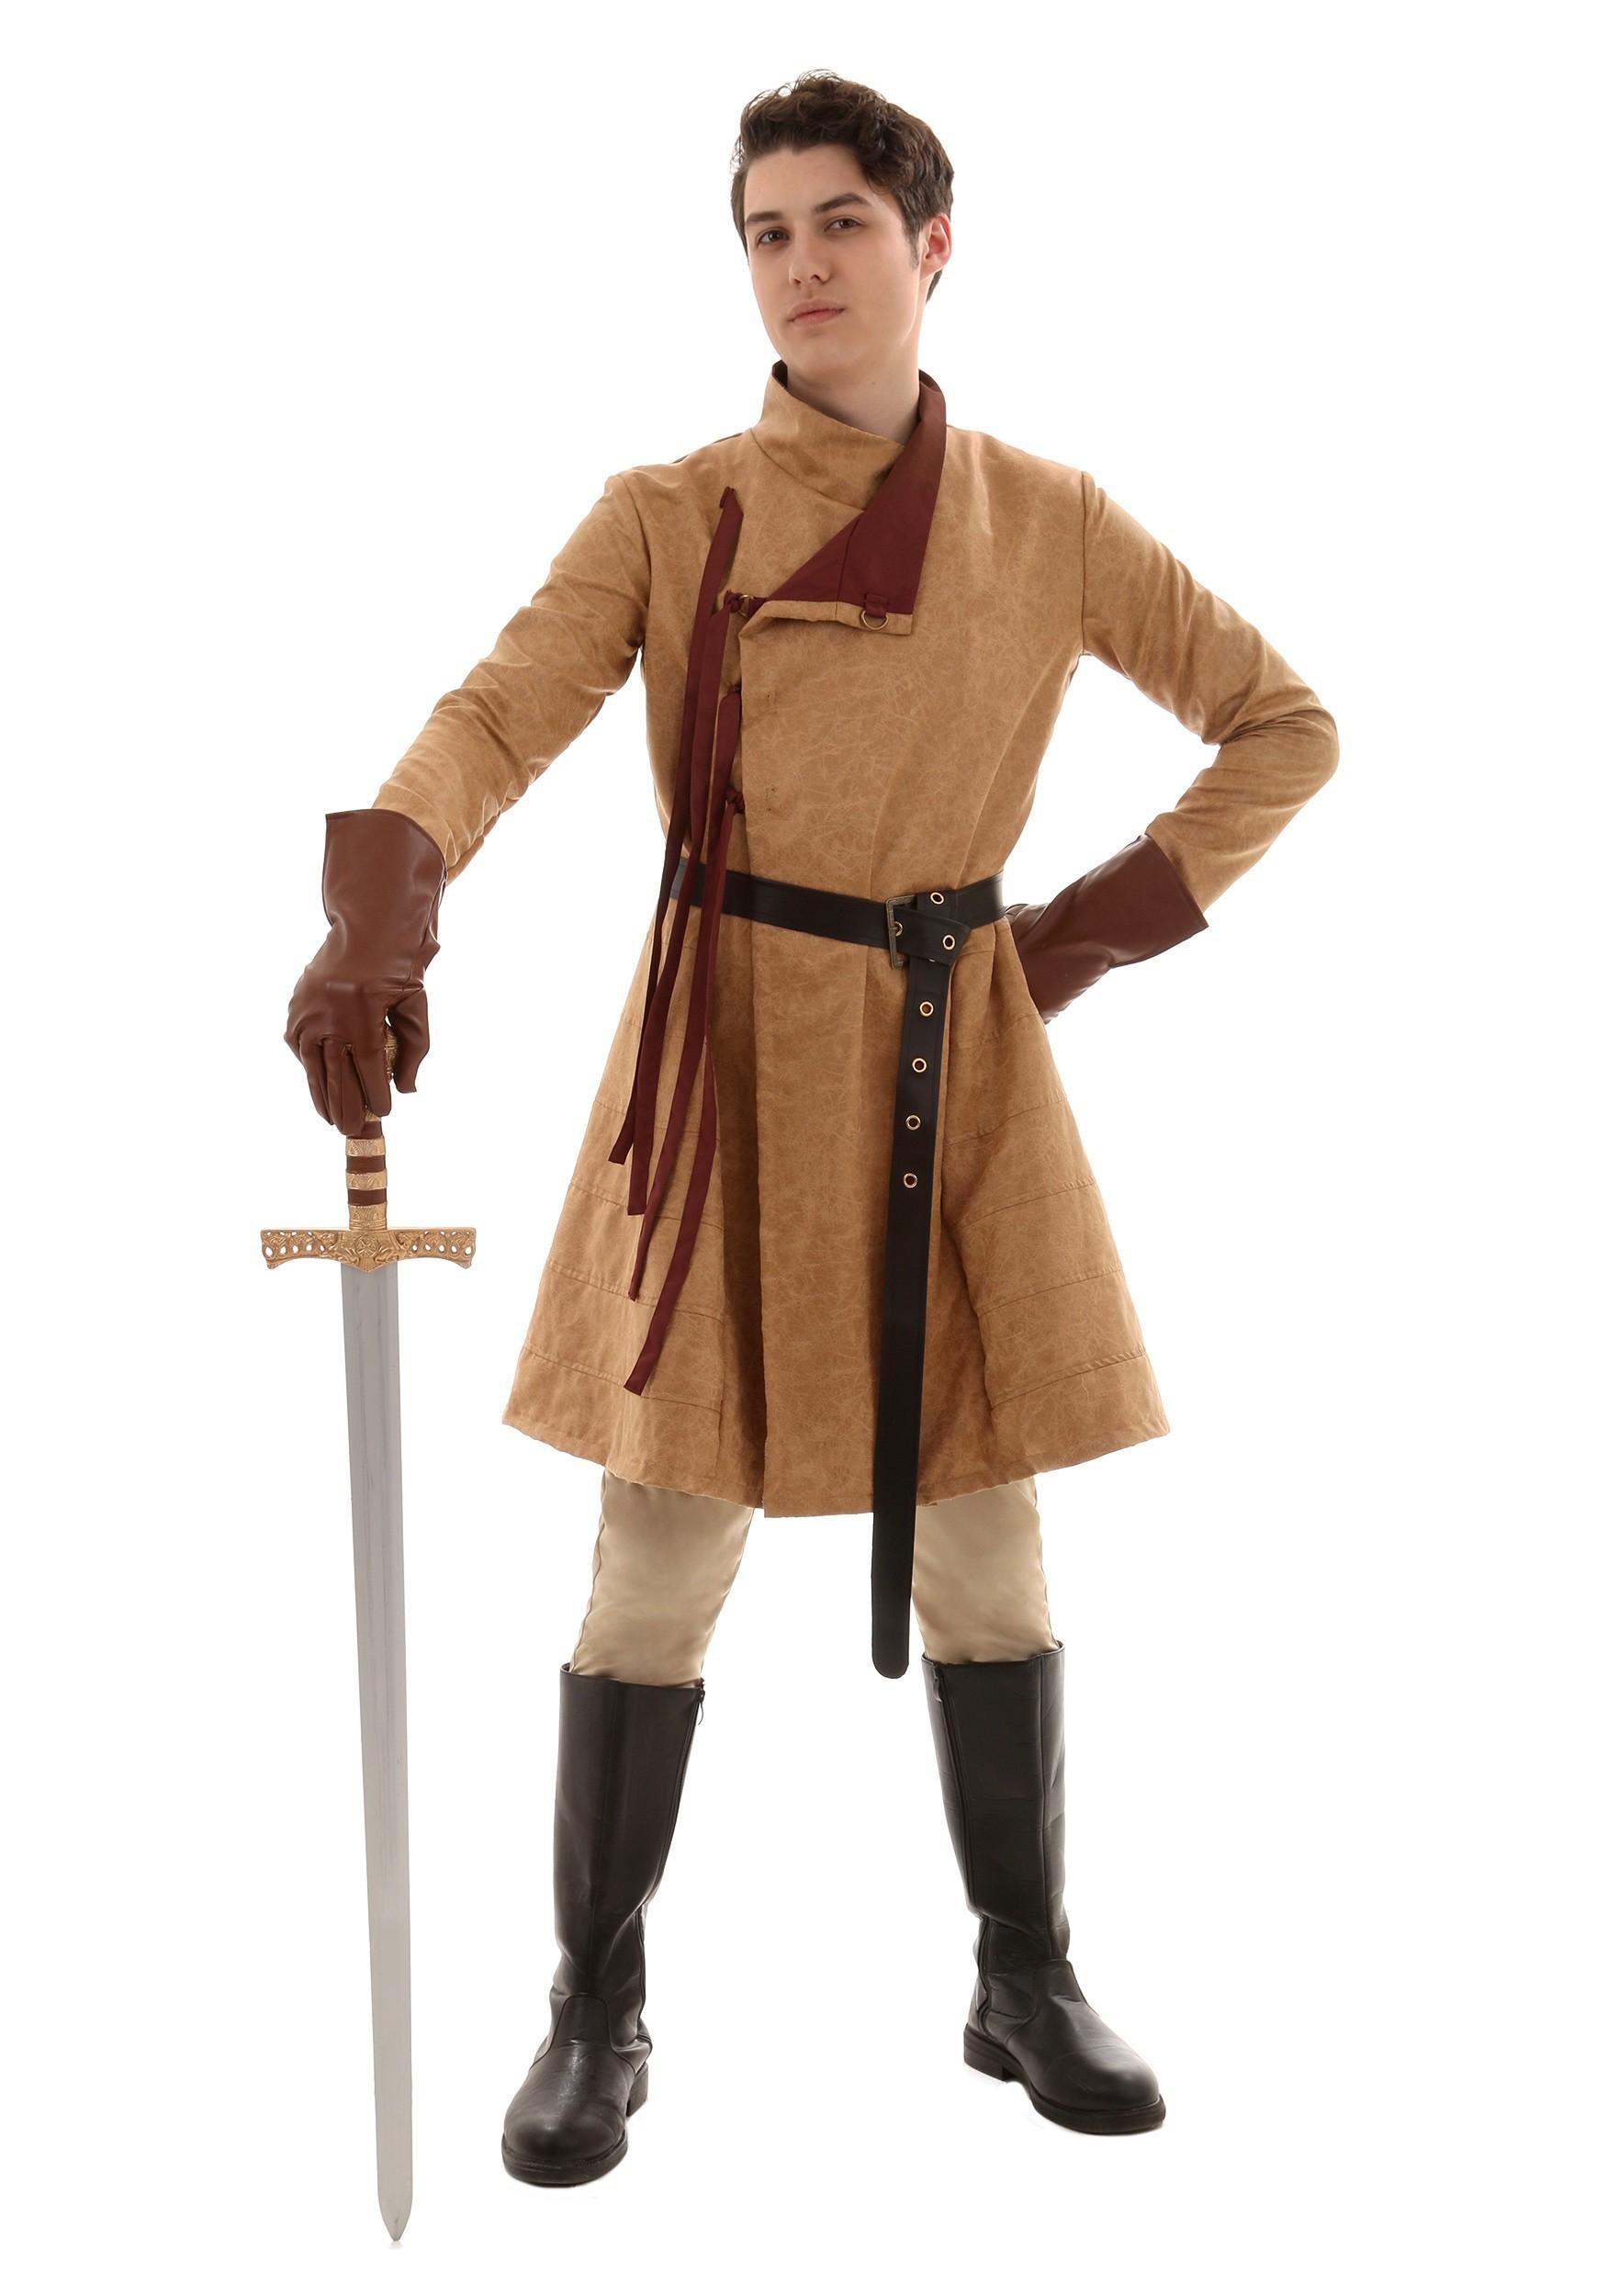 Plus size mens costumes mersnoforum plus size mens costumes solutioingenieria Choice Image